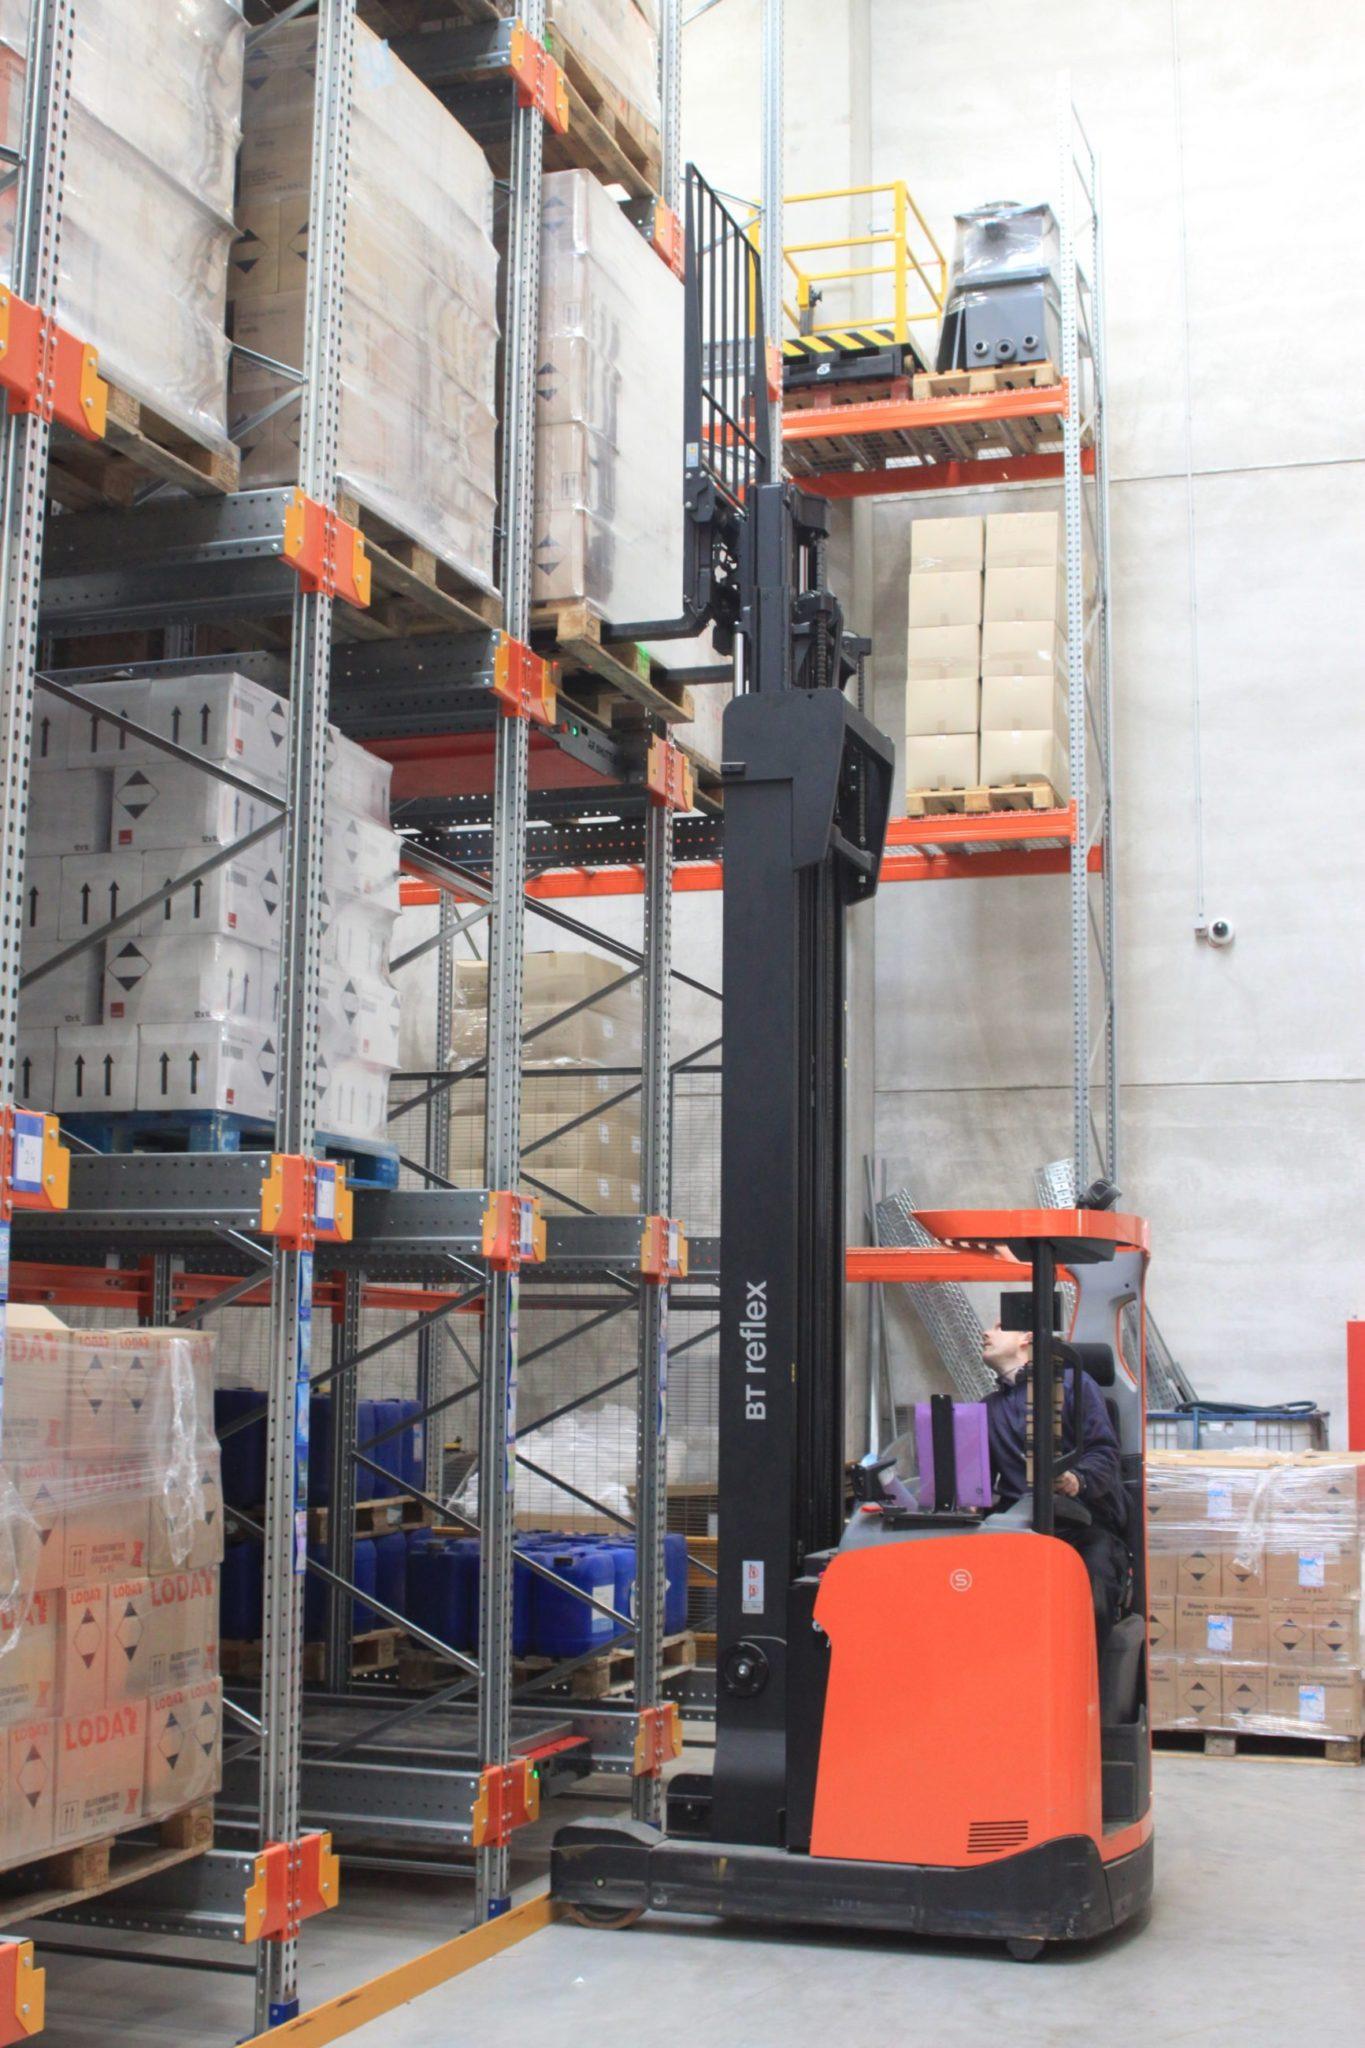 Pallet shuttle reach truck